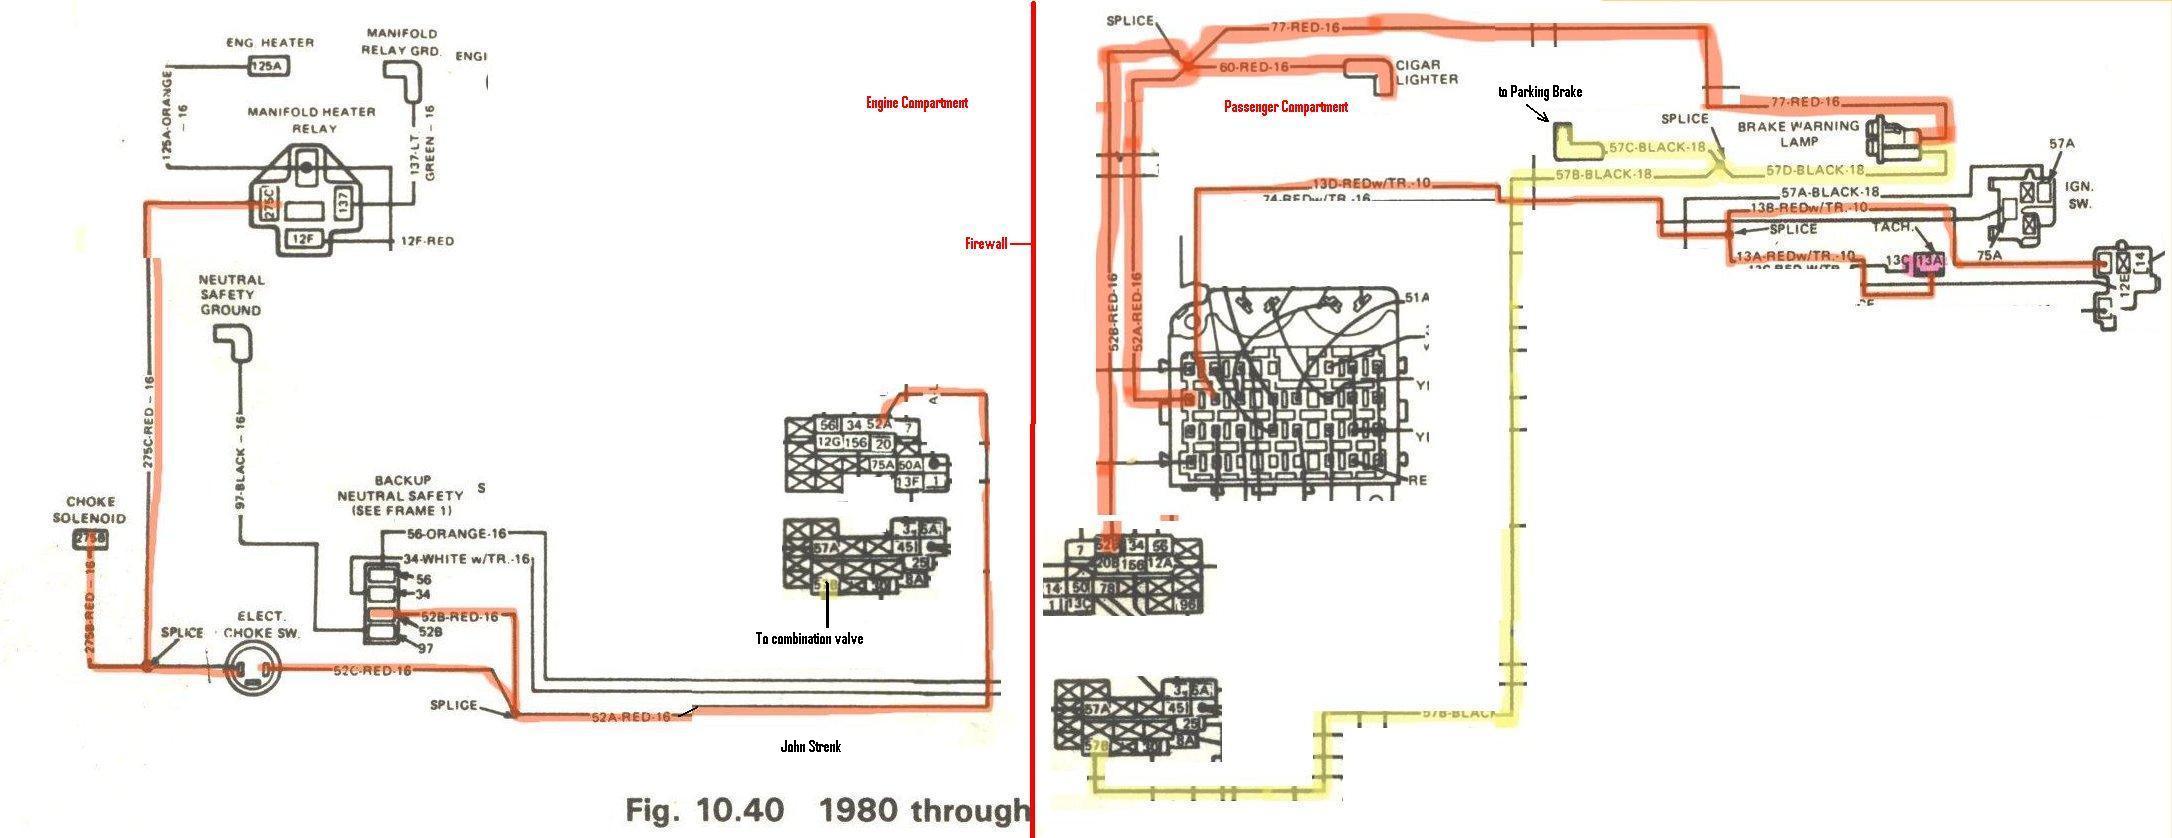 80-86buheaterfuseschematic.jpg